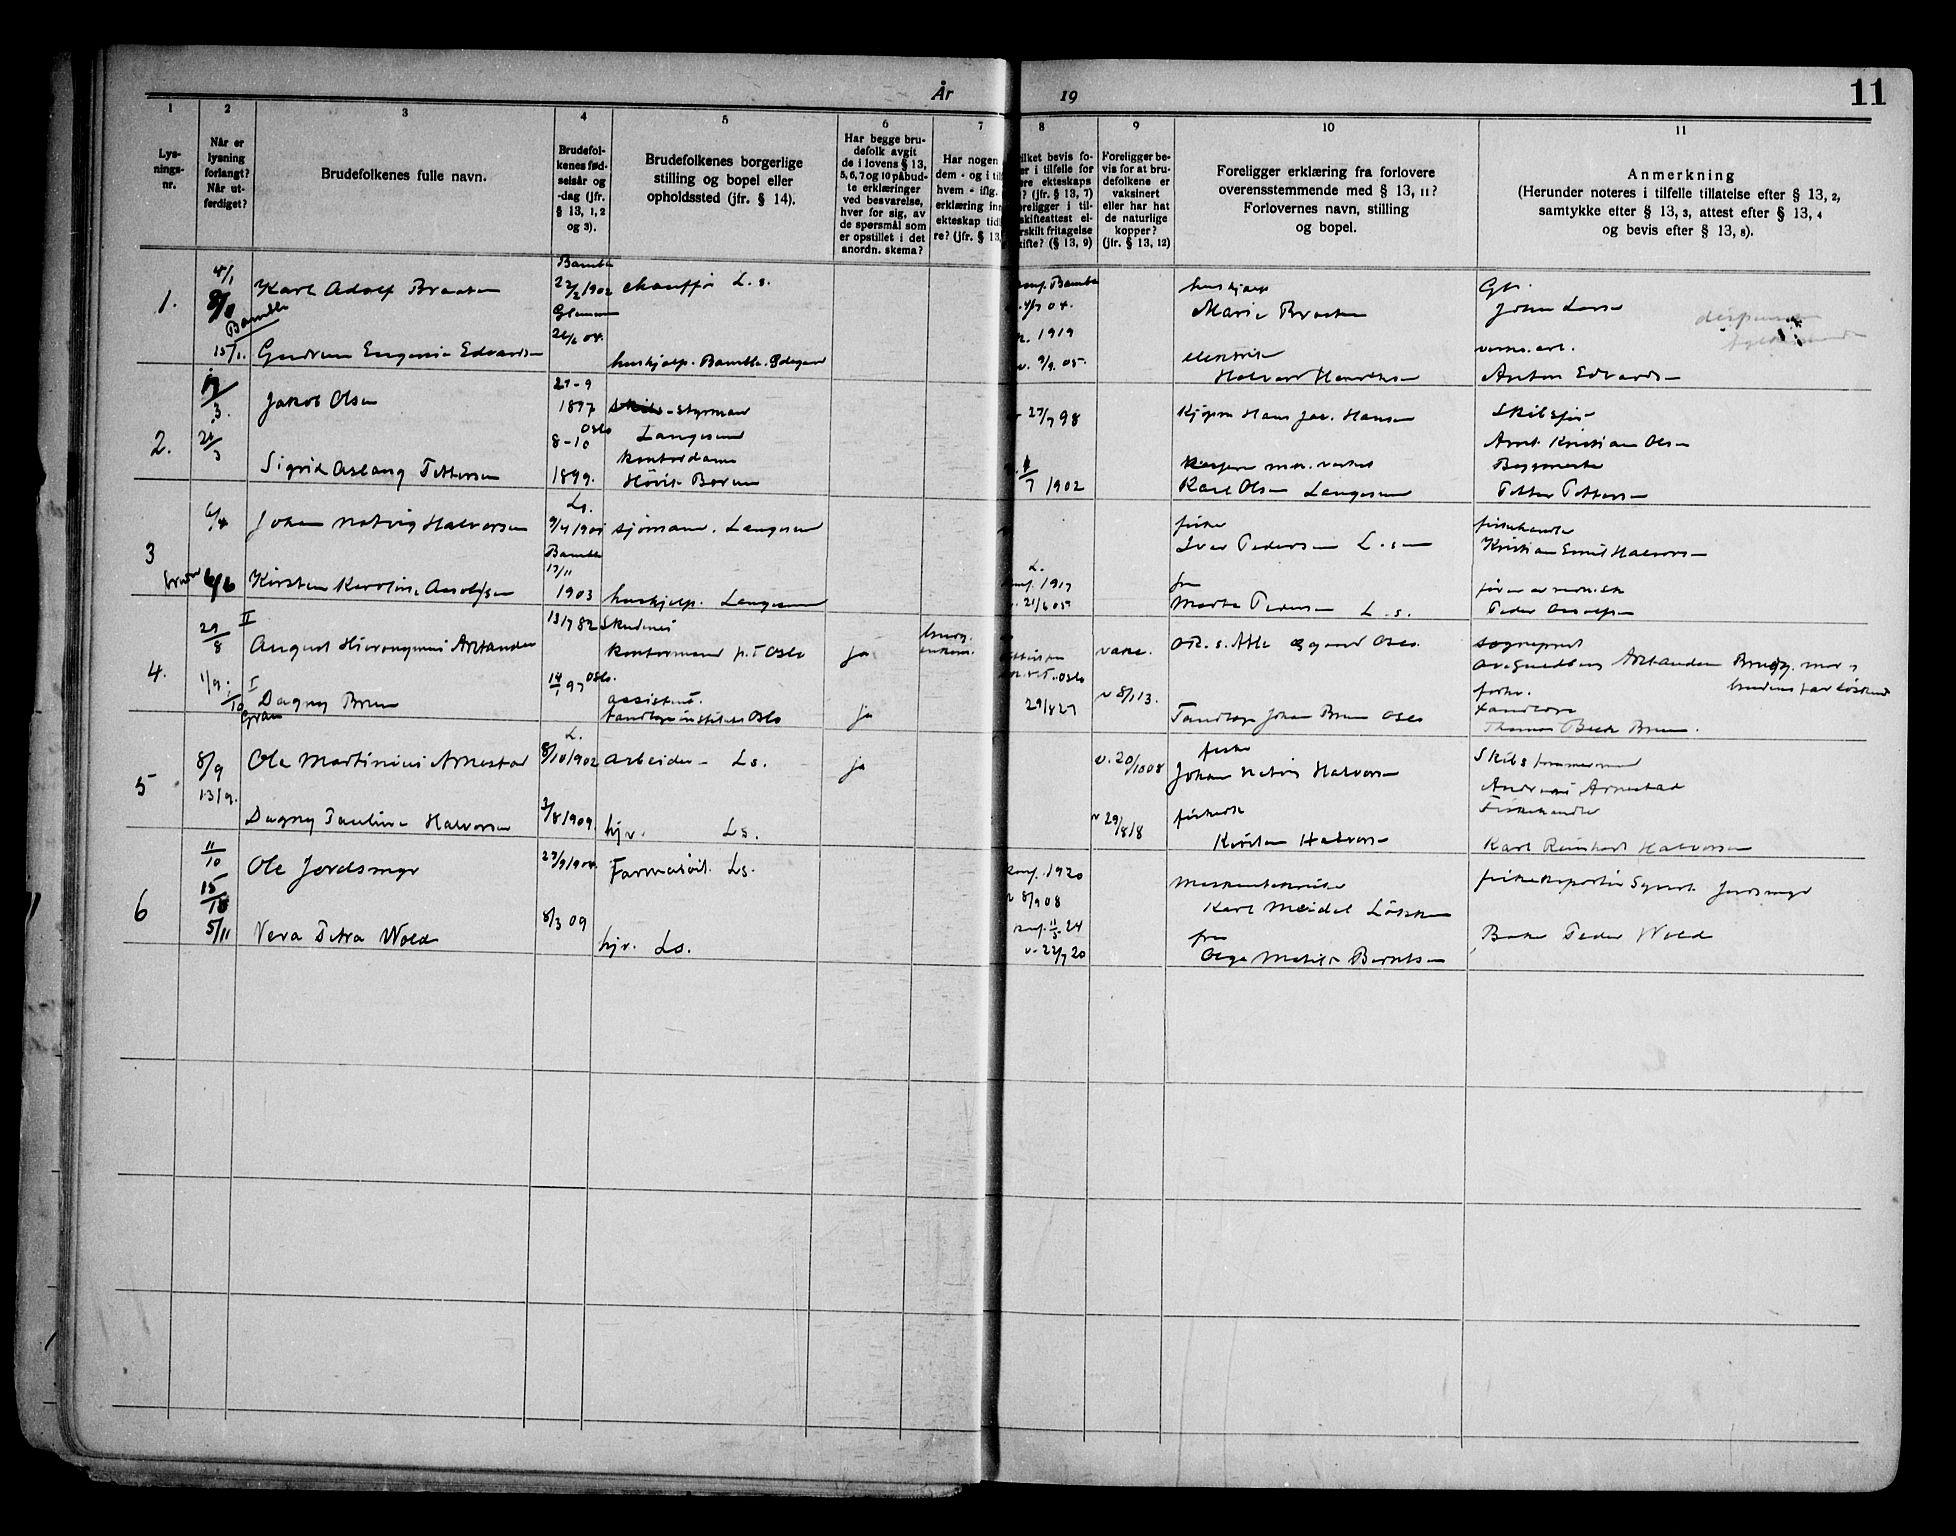 SAKO, Langesund kirkebøker, H/Ha/L0001: Lysningsprotokoll nr. 1, 1919-1973, s. 11